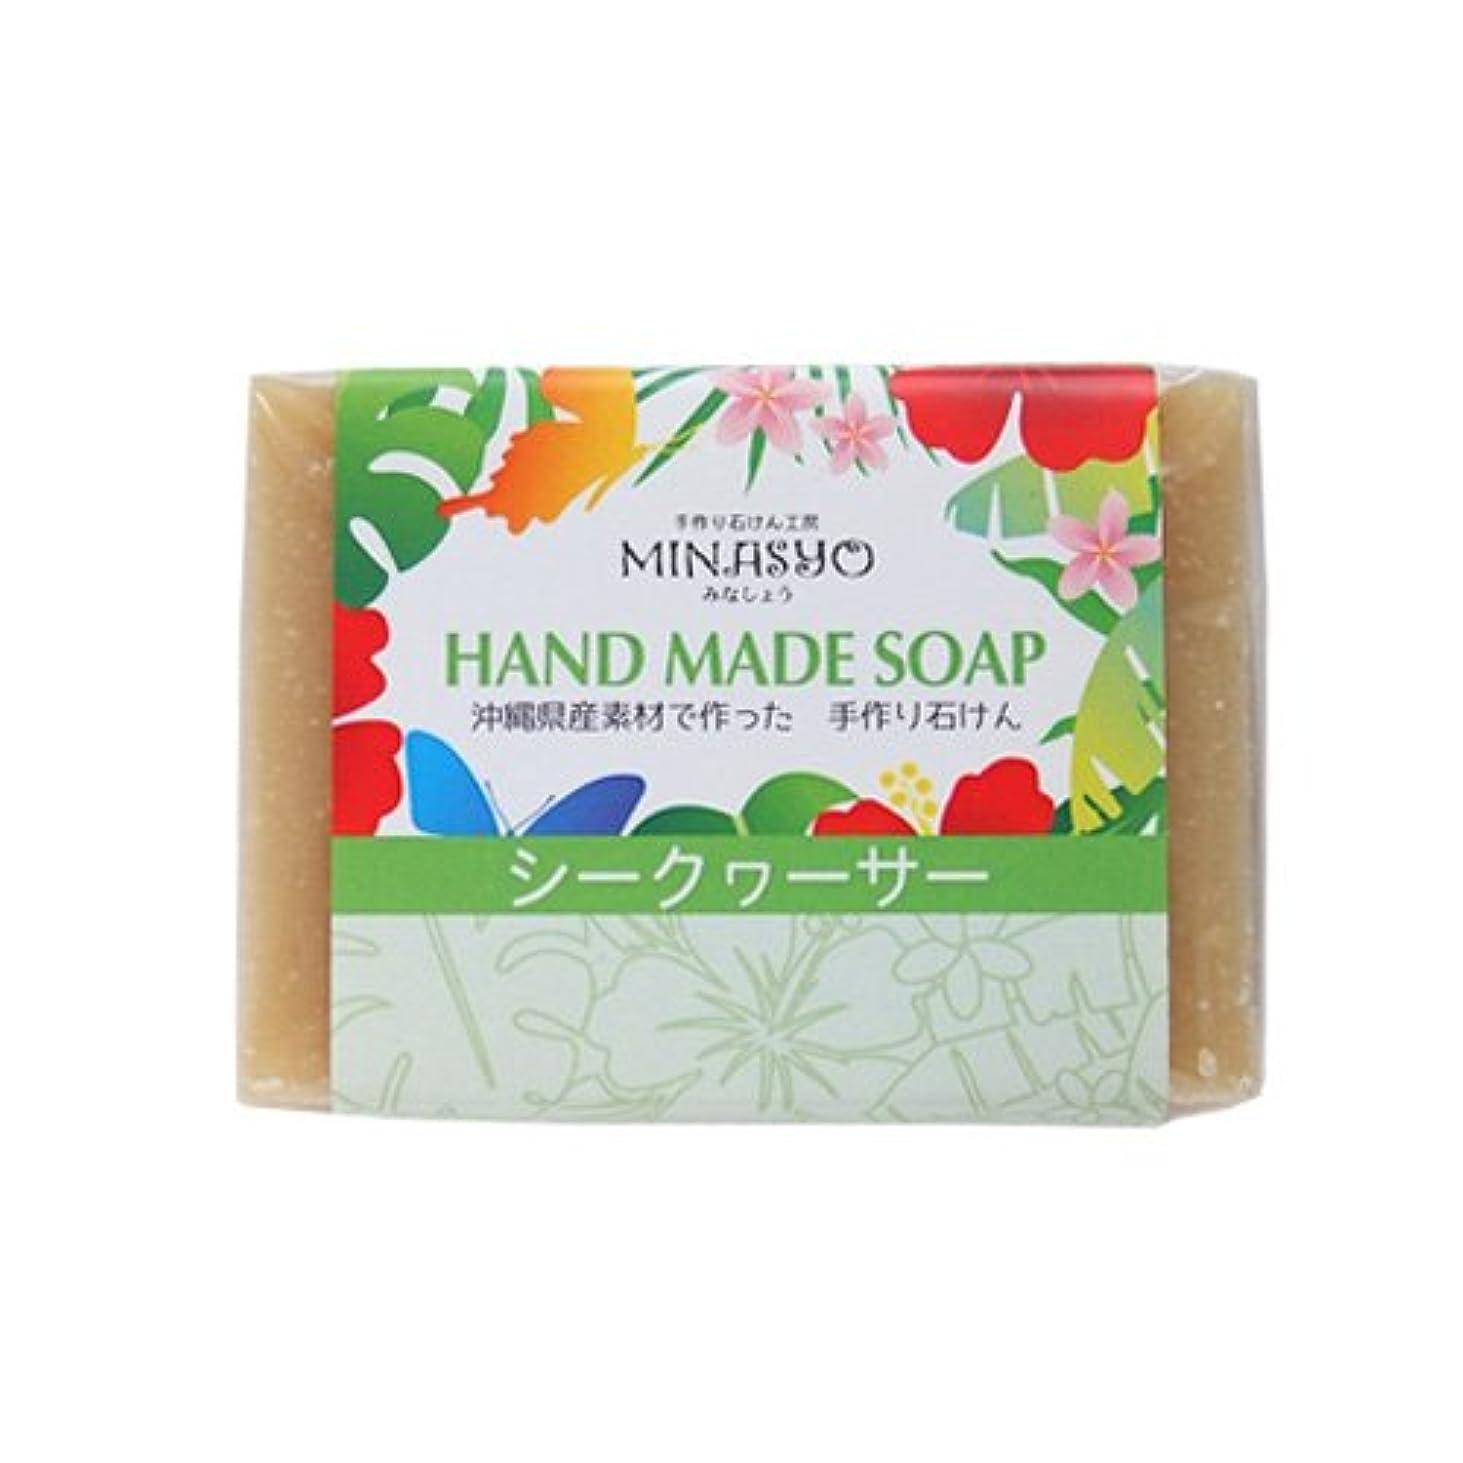 の量一倒産洗顔石鹸 無添加 固形ハンドソープ ボディソープ 手作りシークワーサー石鹸